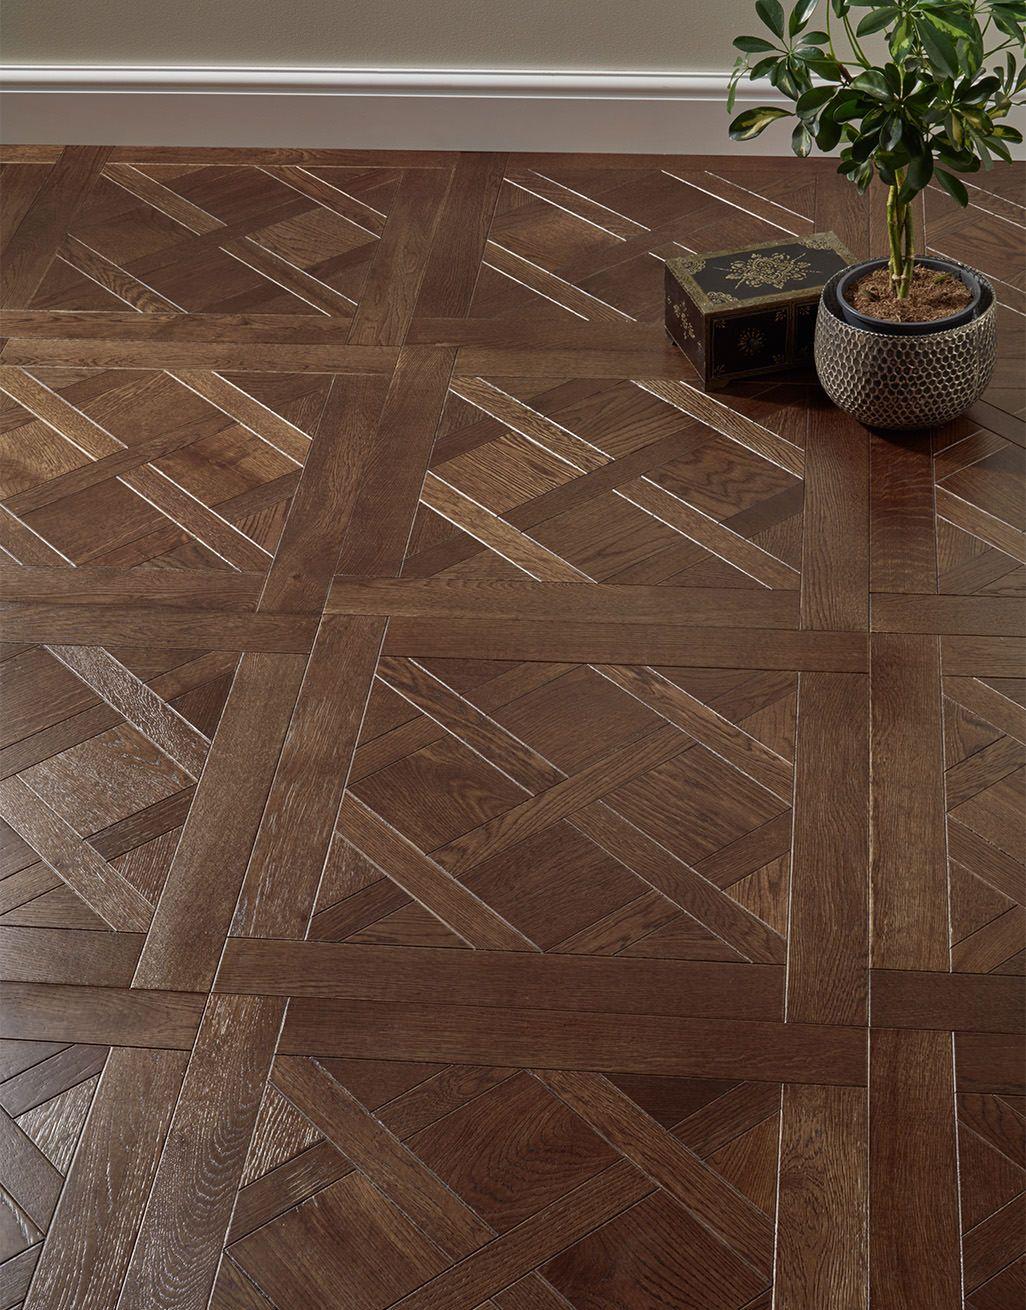 Oiled Versailles Tile Engineered